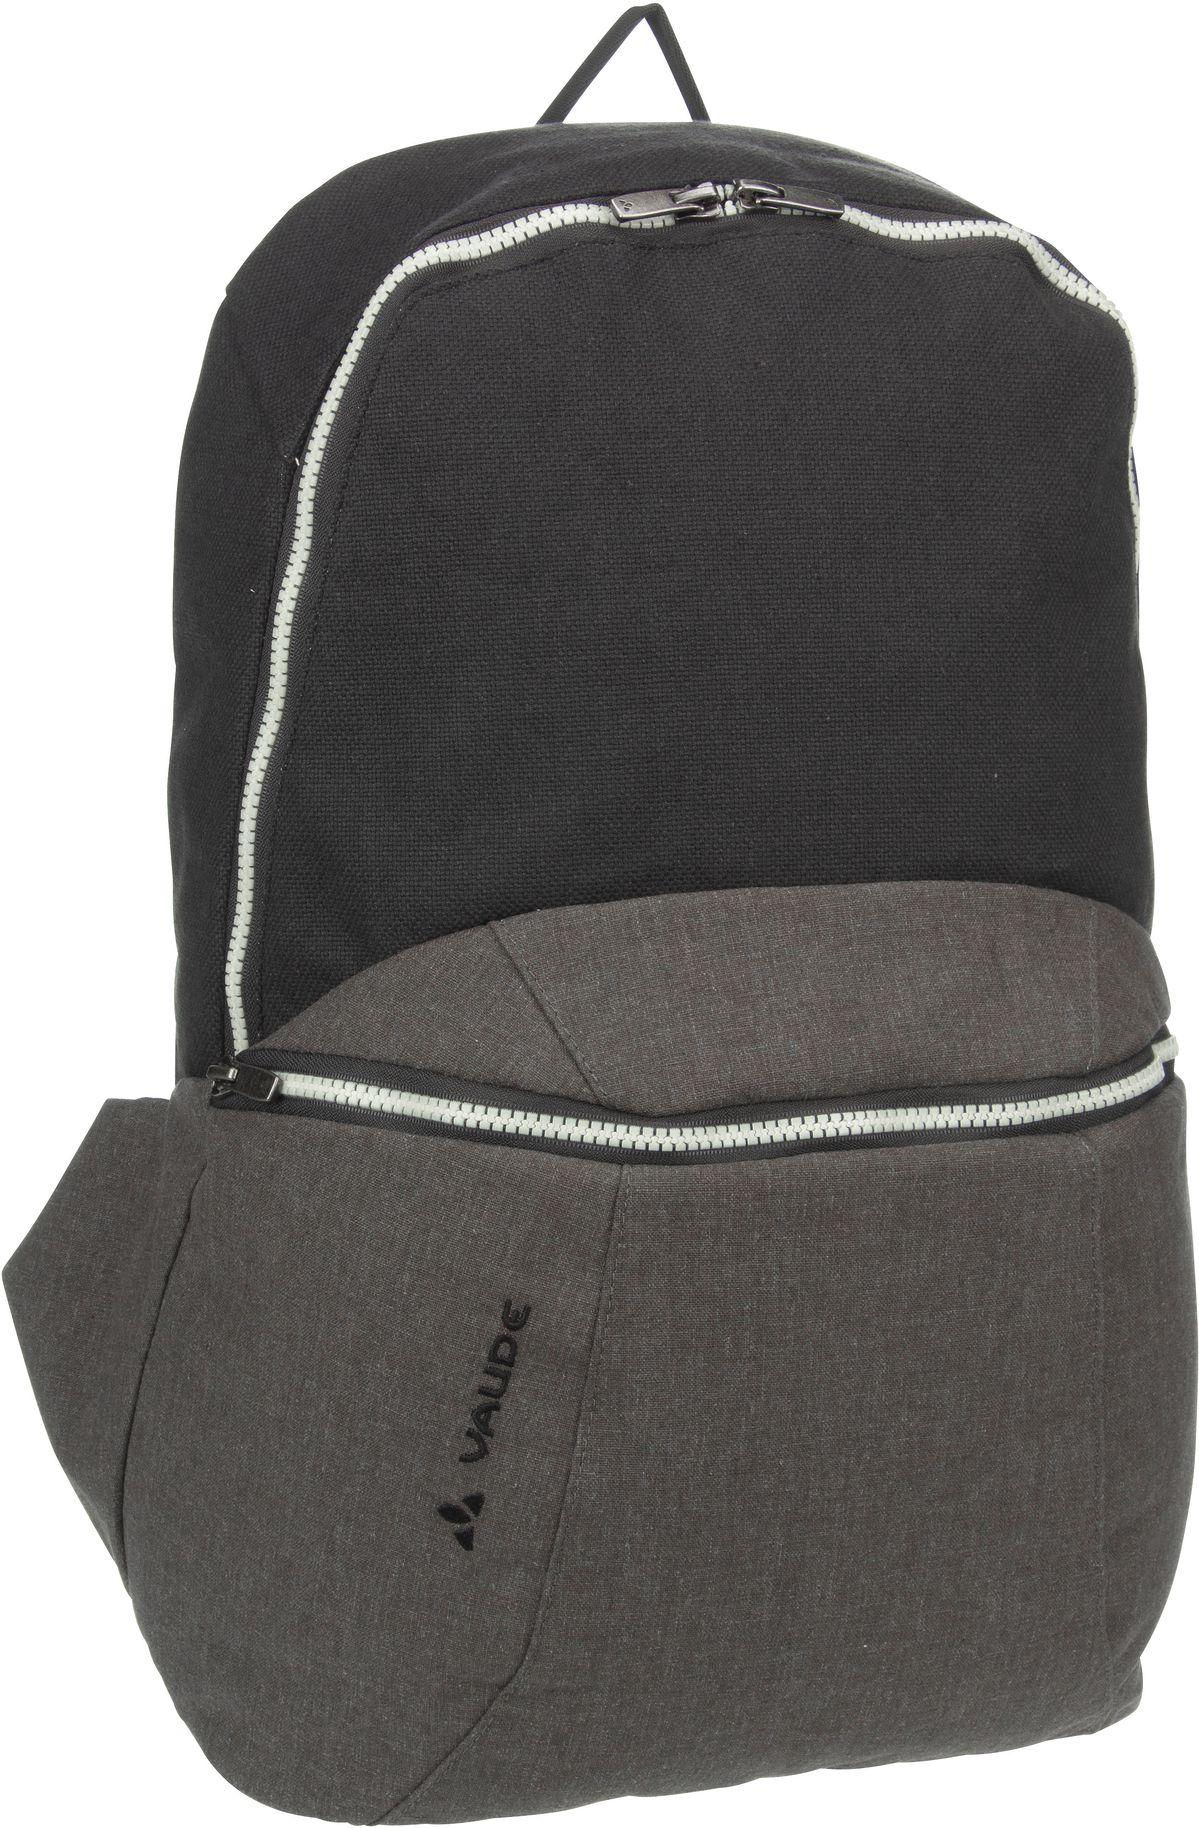 Rucksack / Daypack Fagus Phantom Black (20 Liter)